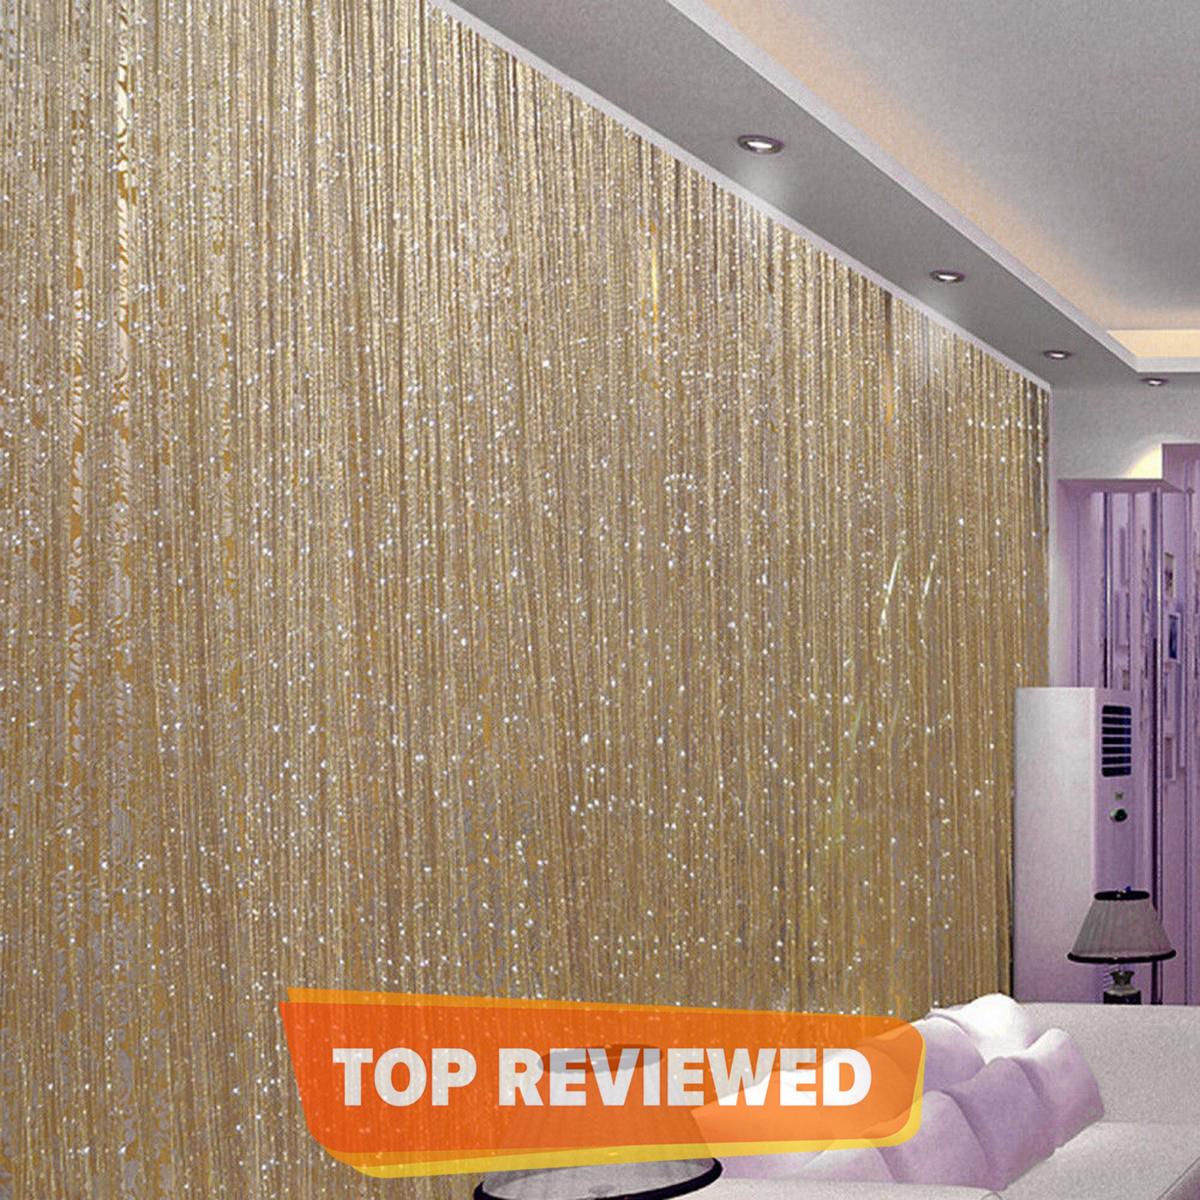 100x200cm Shiny Tassel Flash Golden Line String Curtain Window Door Divider Sheer Curtain V